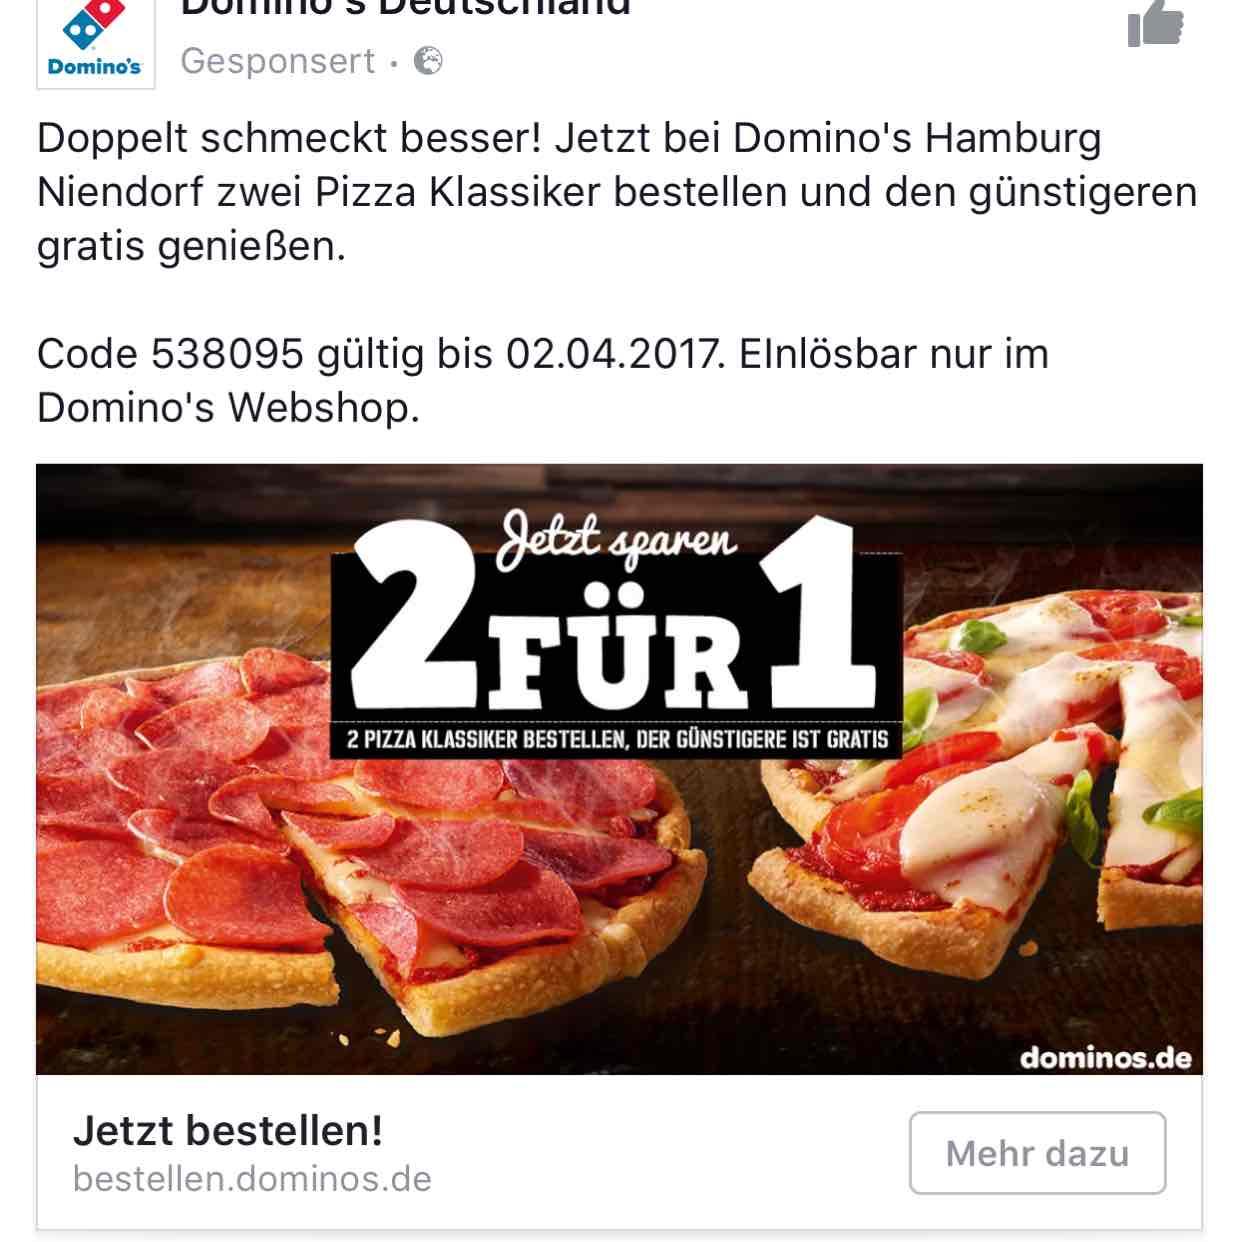 Dominos Pizza 2 Pizzen bestellen Lokal Hamburg Niendorf und nur eine bezahlen